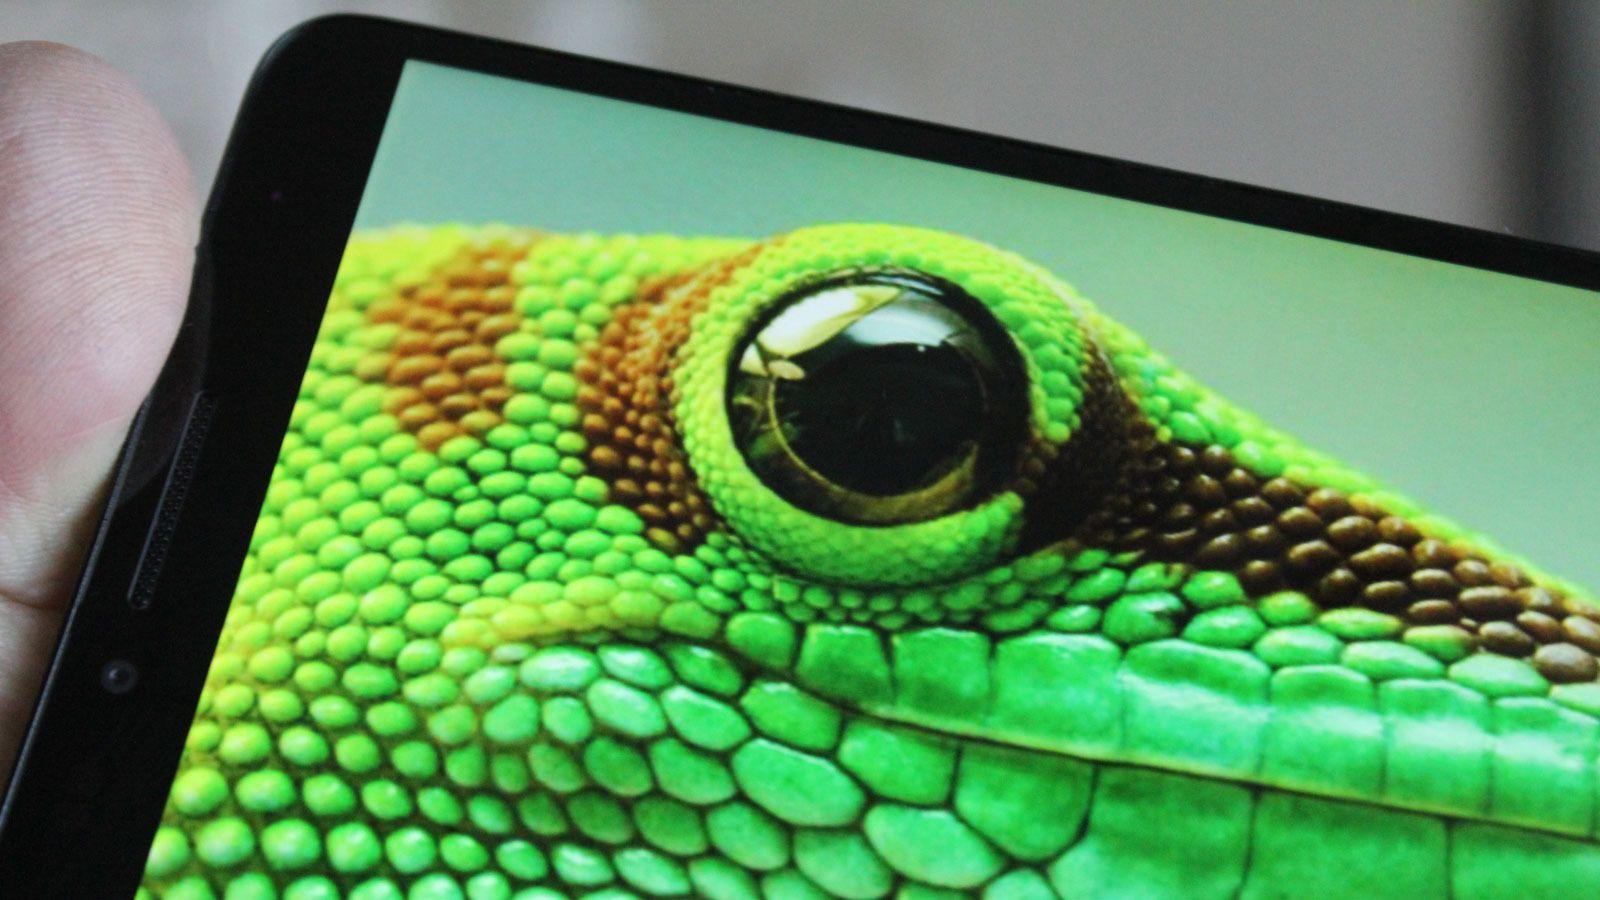 skjermen er meget god, og dekker det meste av fronten på telefonen. Foto: Espen Irwing Swang, Tek.no